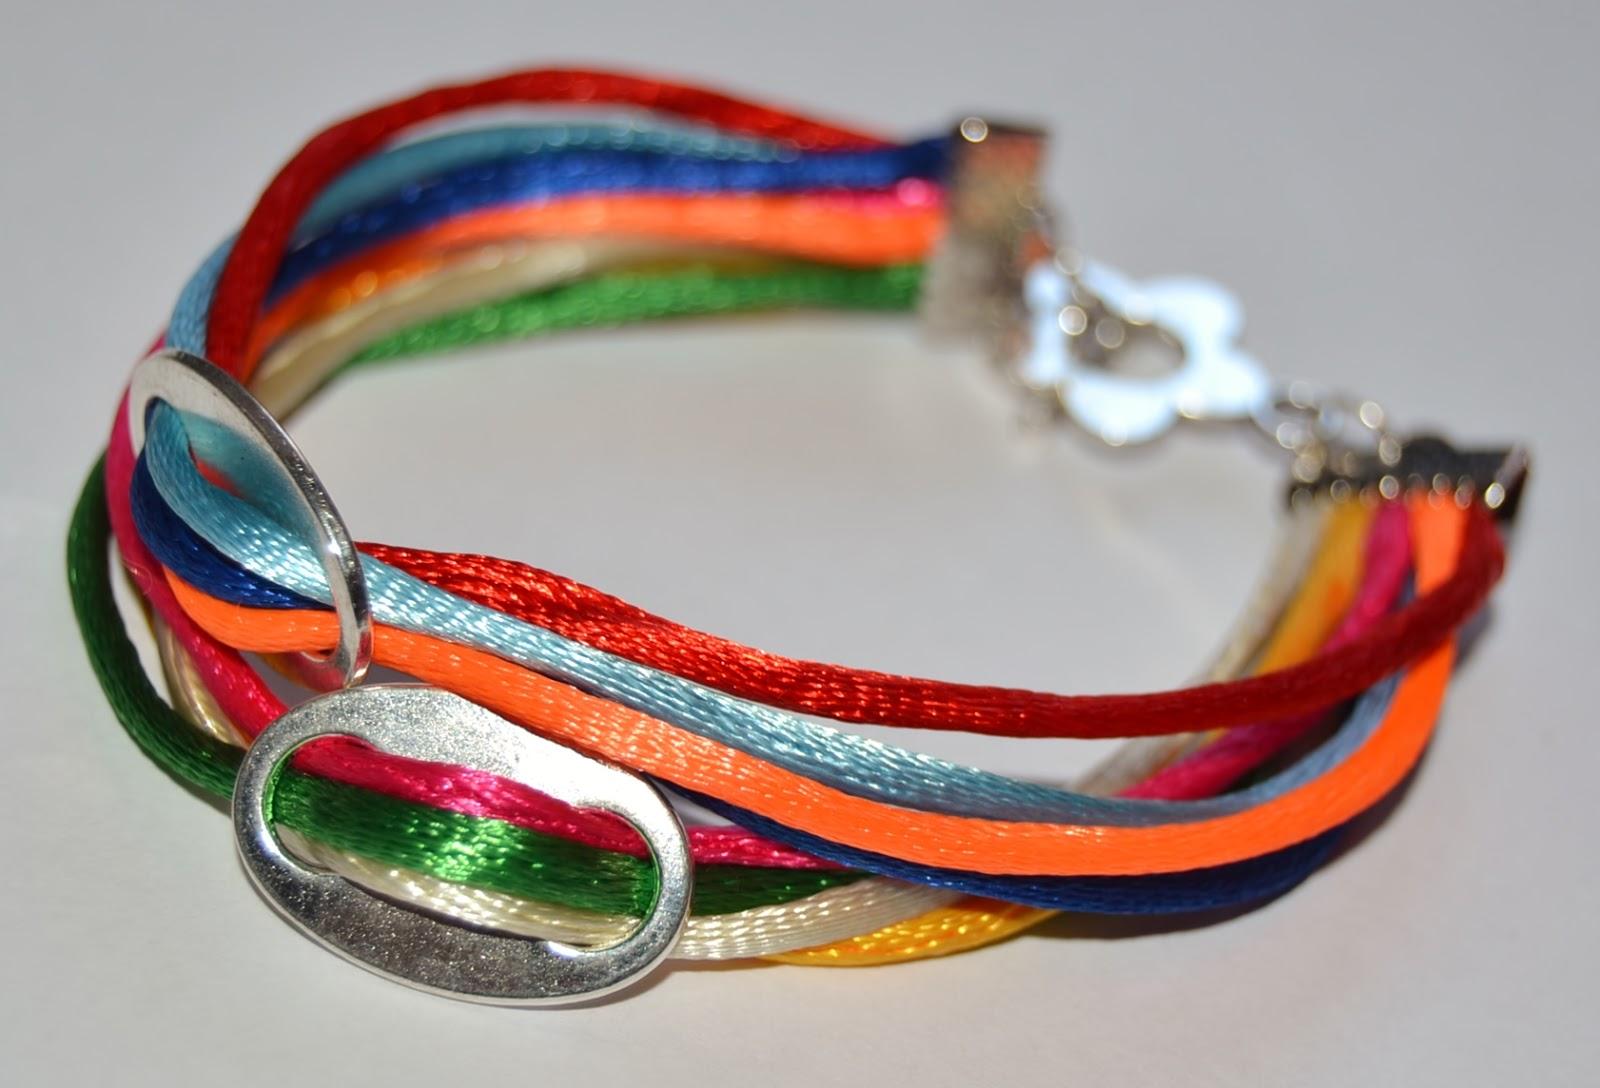 imagenes de pulseras de colores - Cómo hacer pulseras de gomitas 1000 Manualidades fáciles